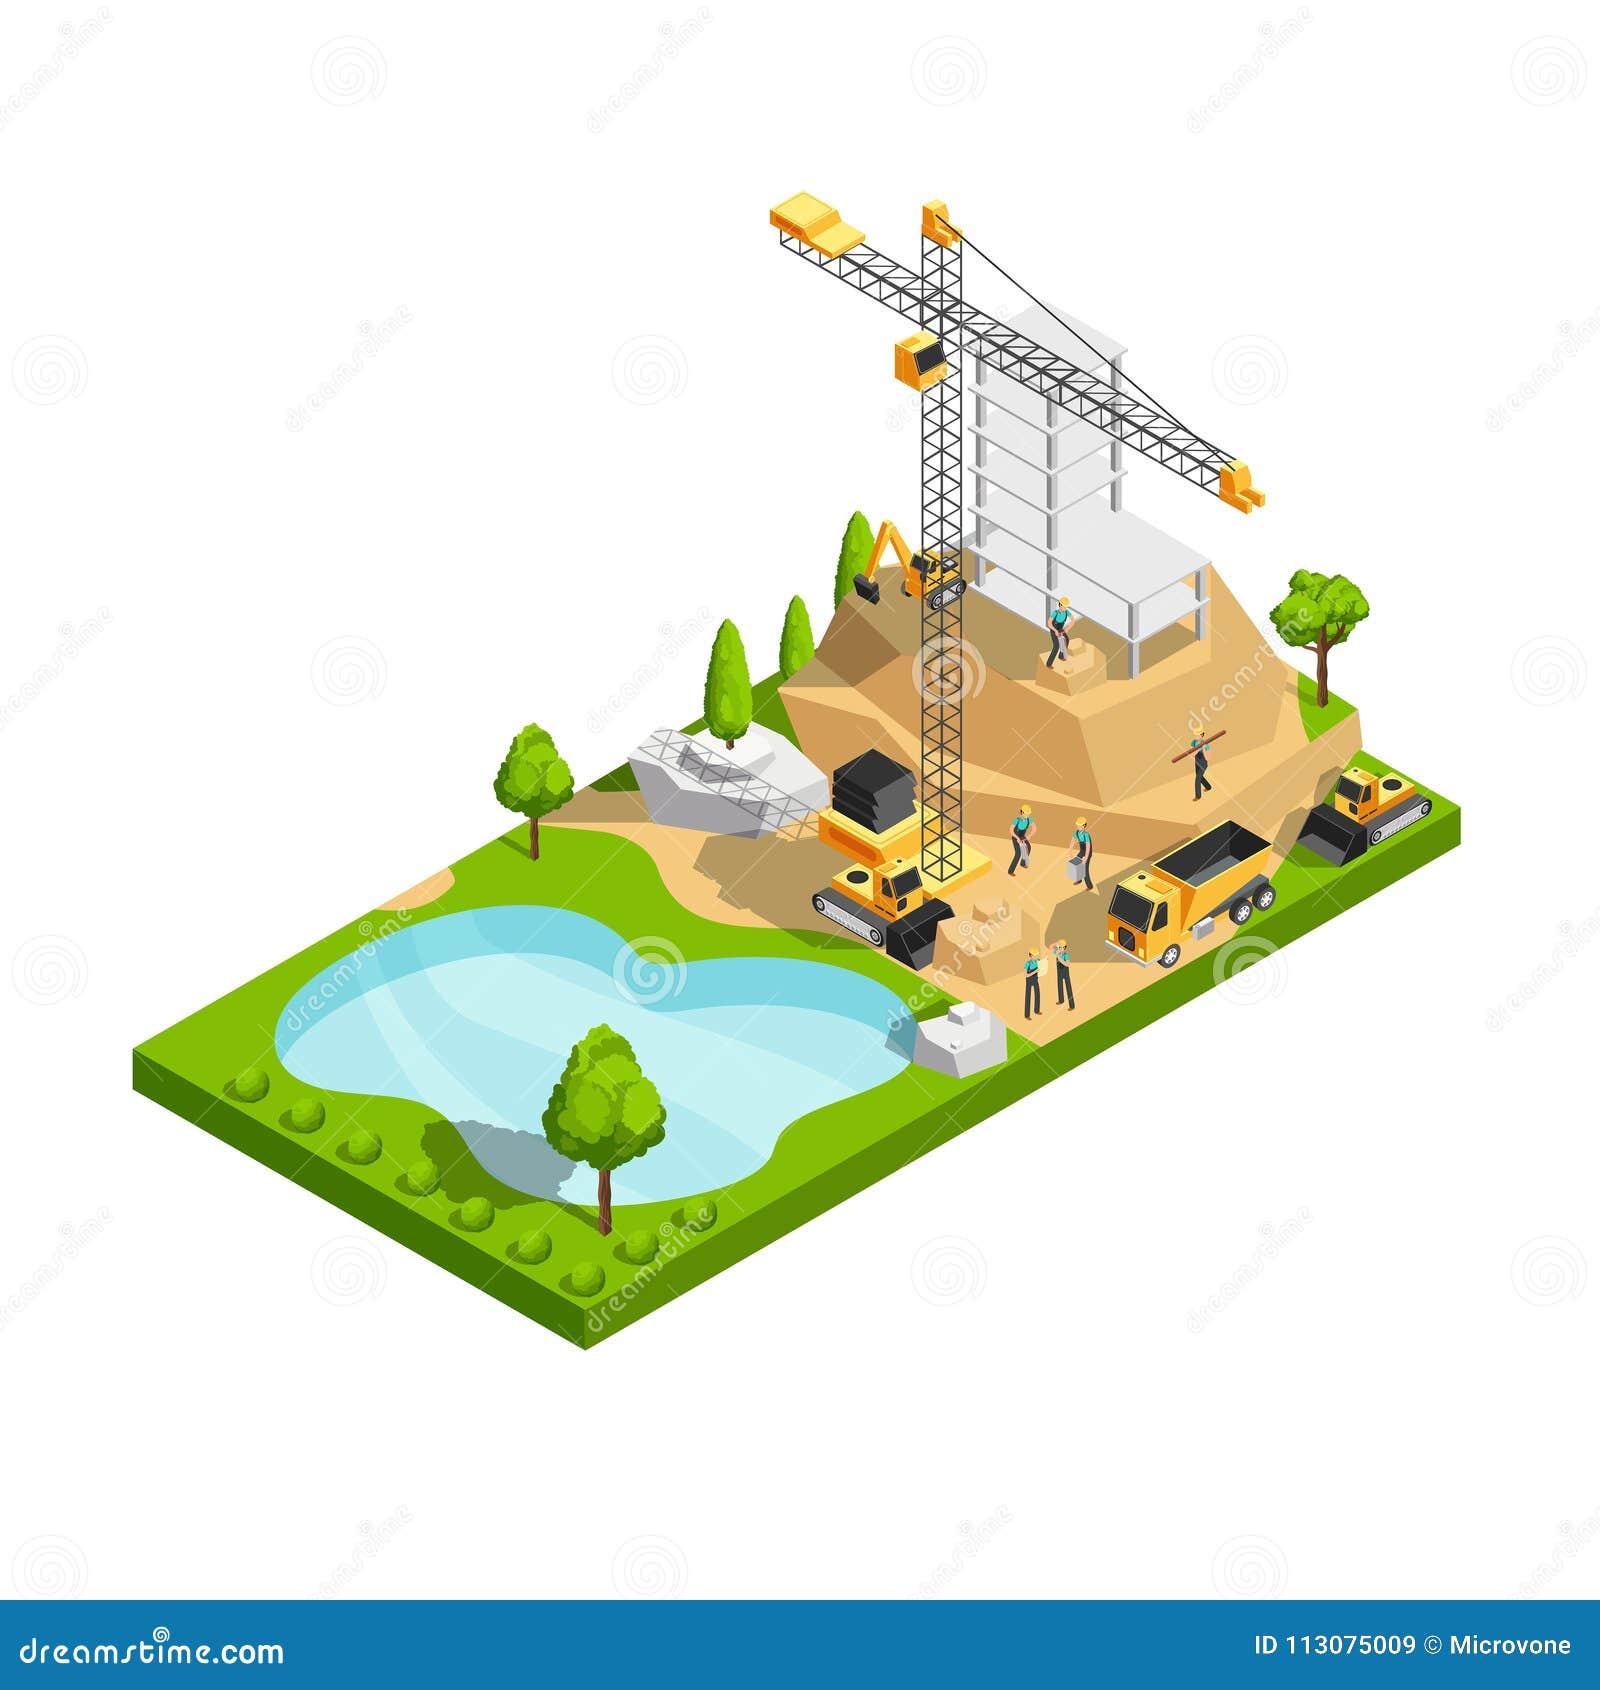 Handlowy budynek budowy 3d isometric wektorowy pojęcie dla architektury miejsca projekta